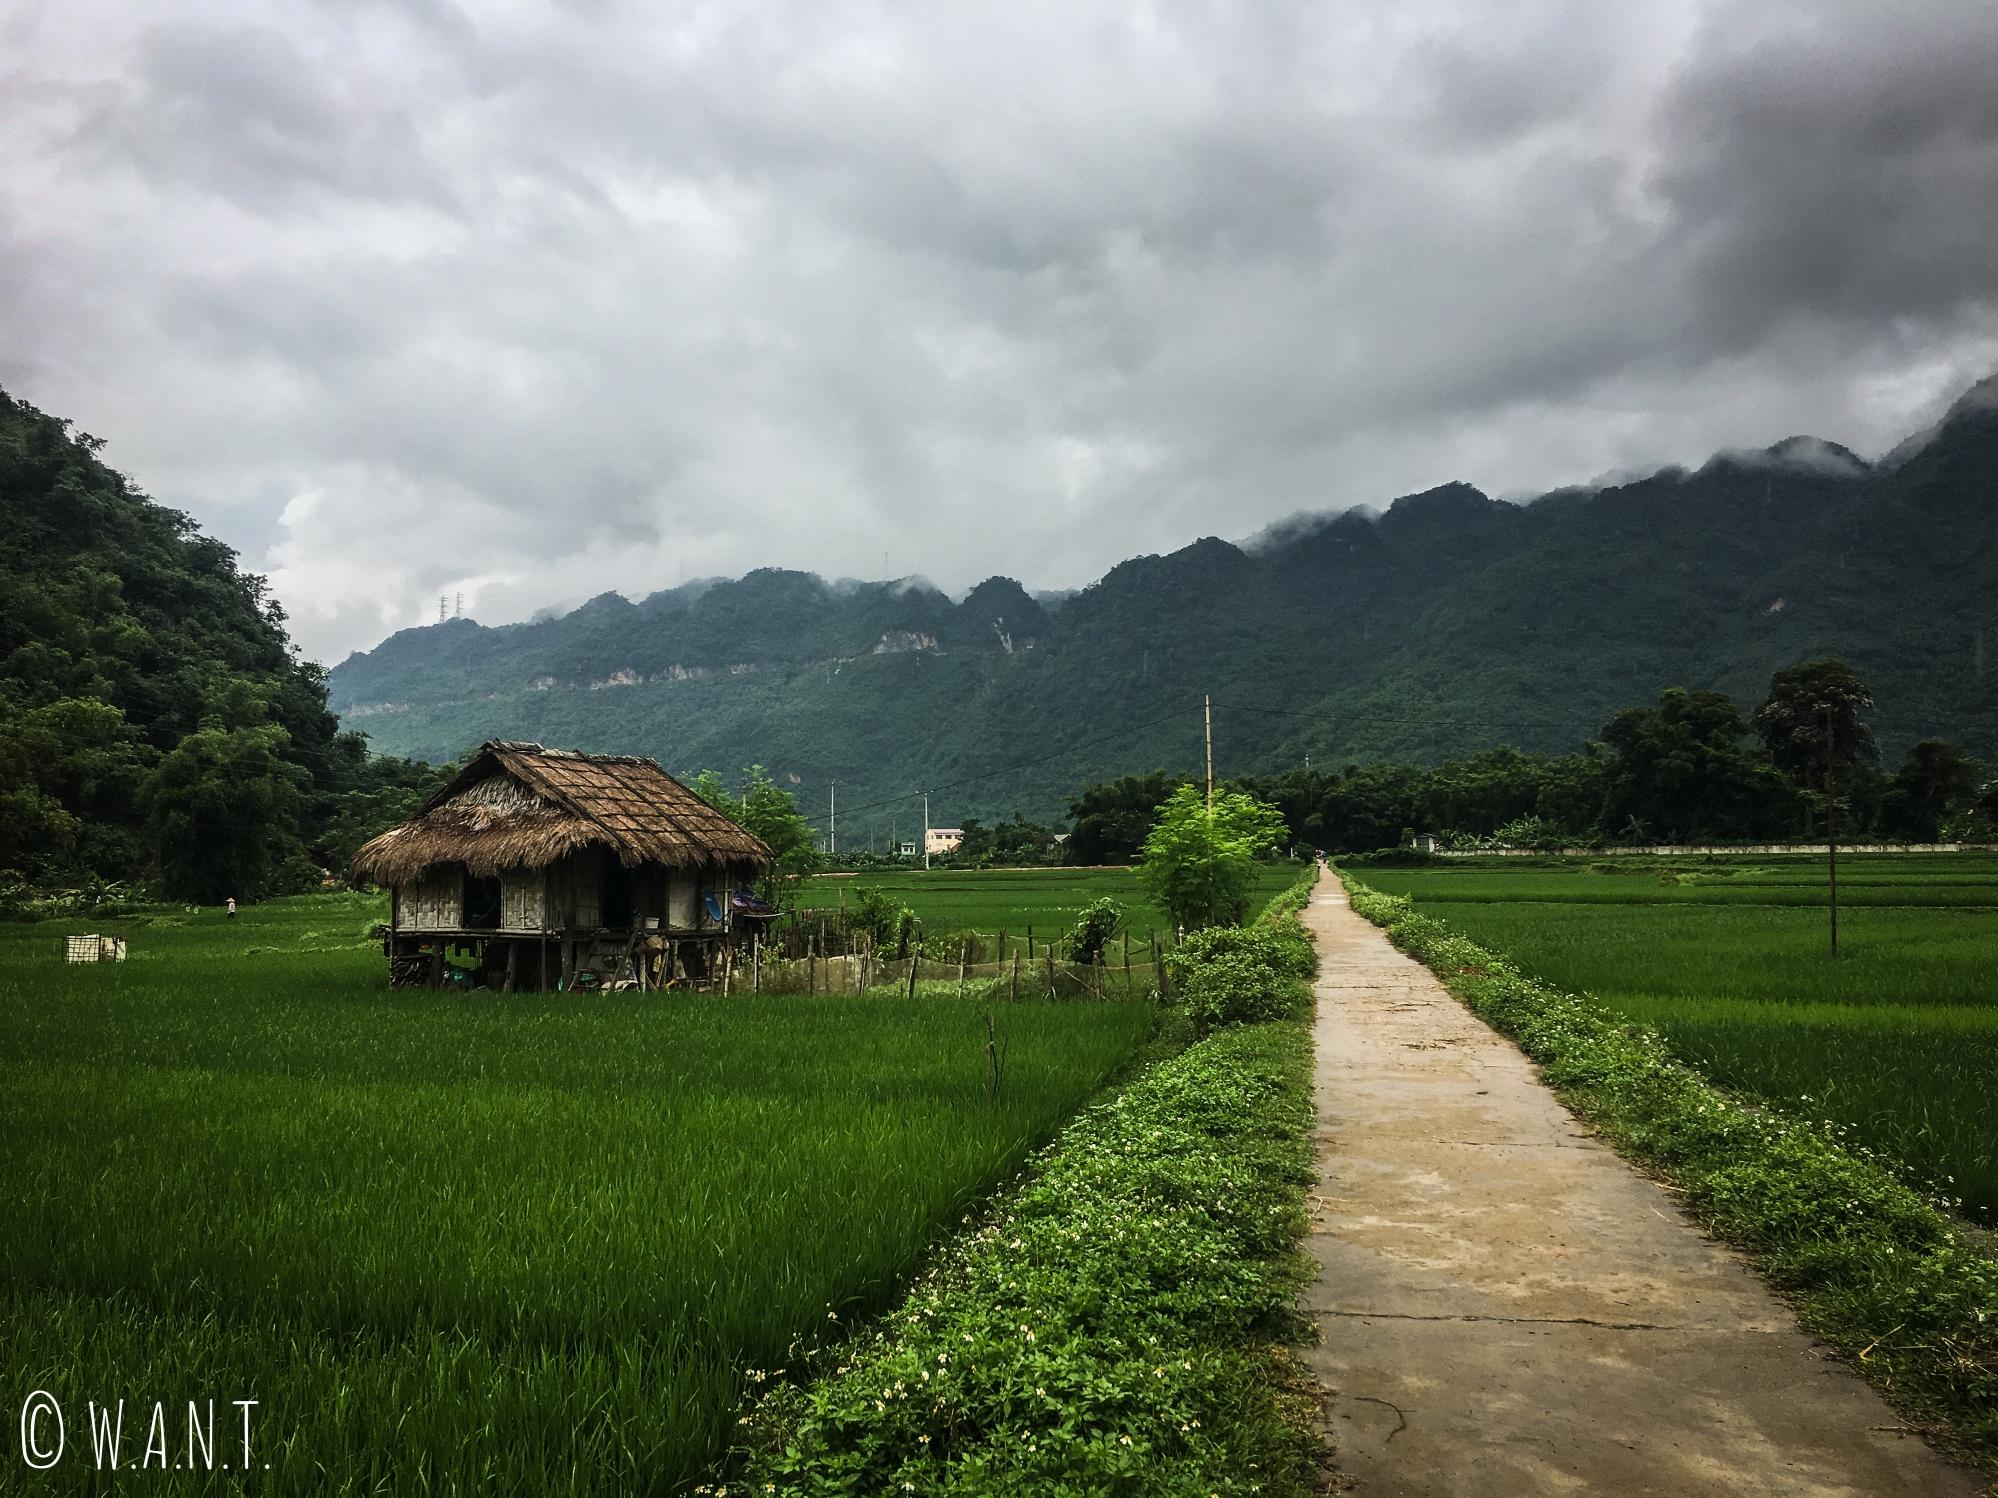 Maison sur pilotis au cœur des rizières de Mai Chau